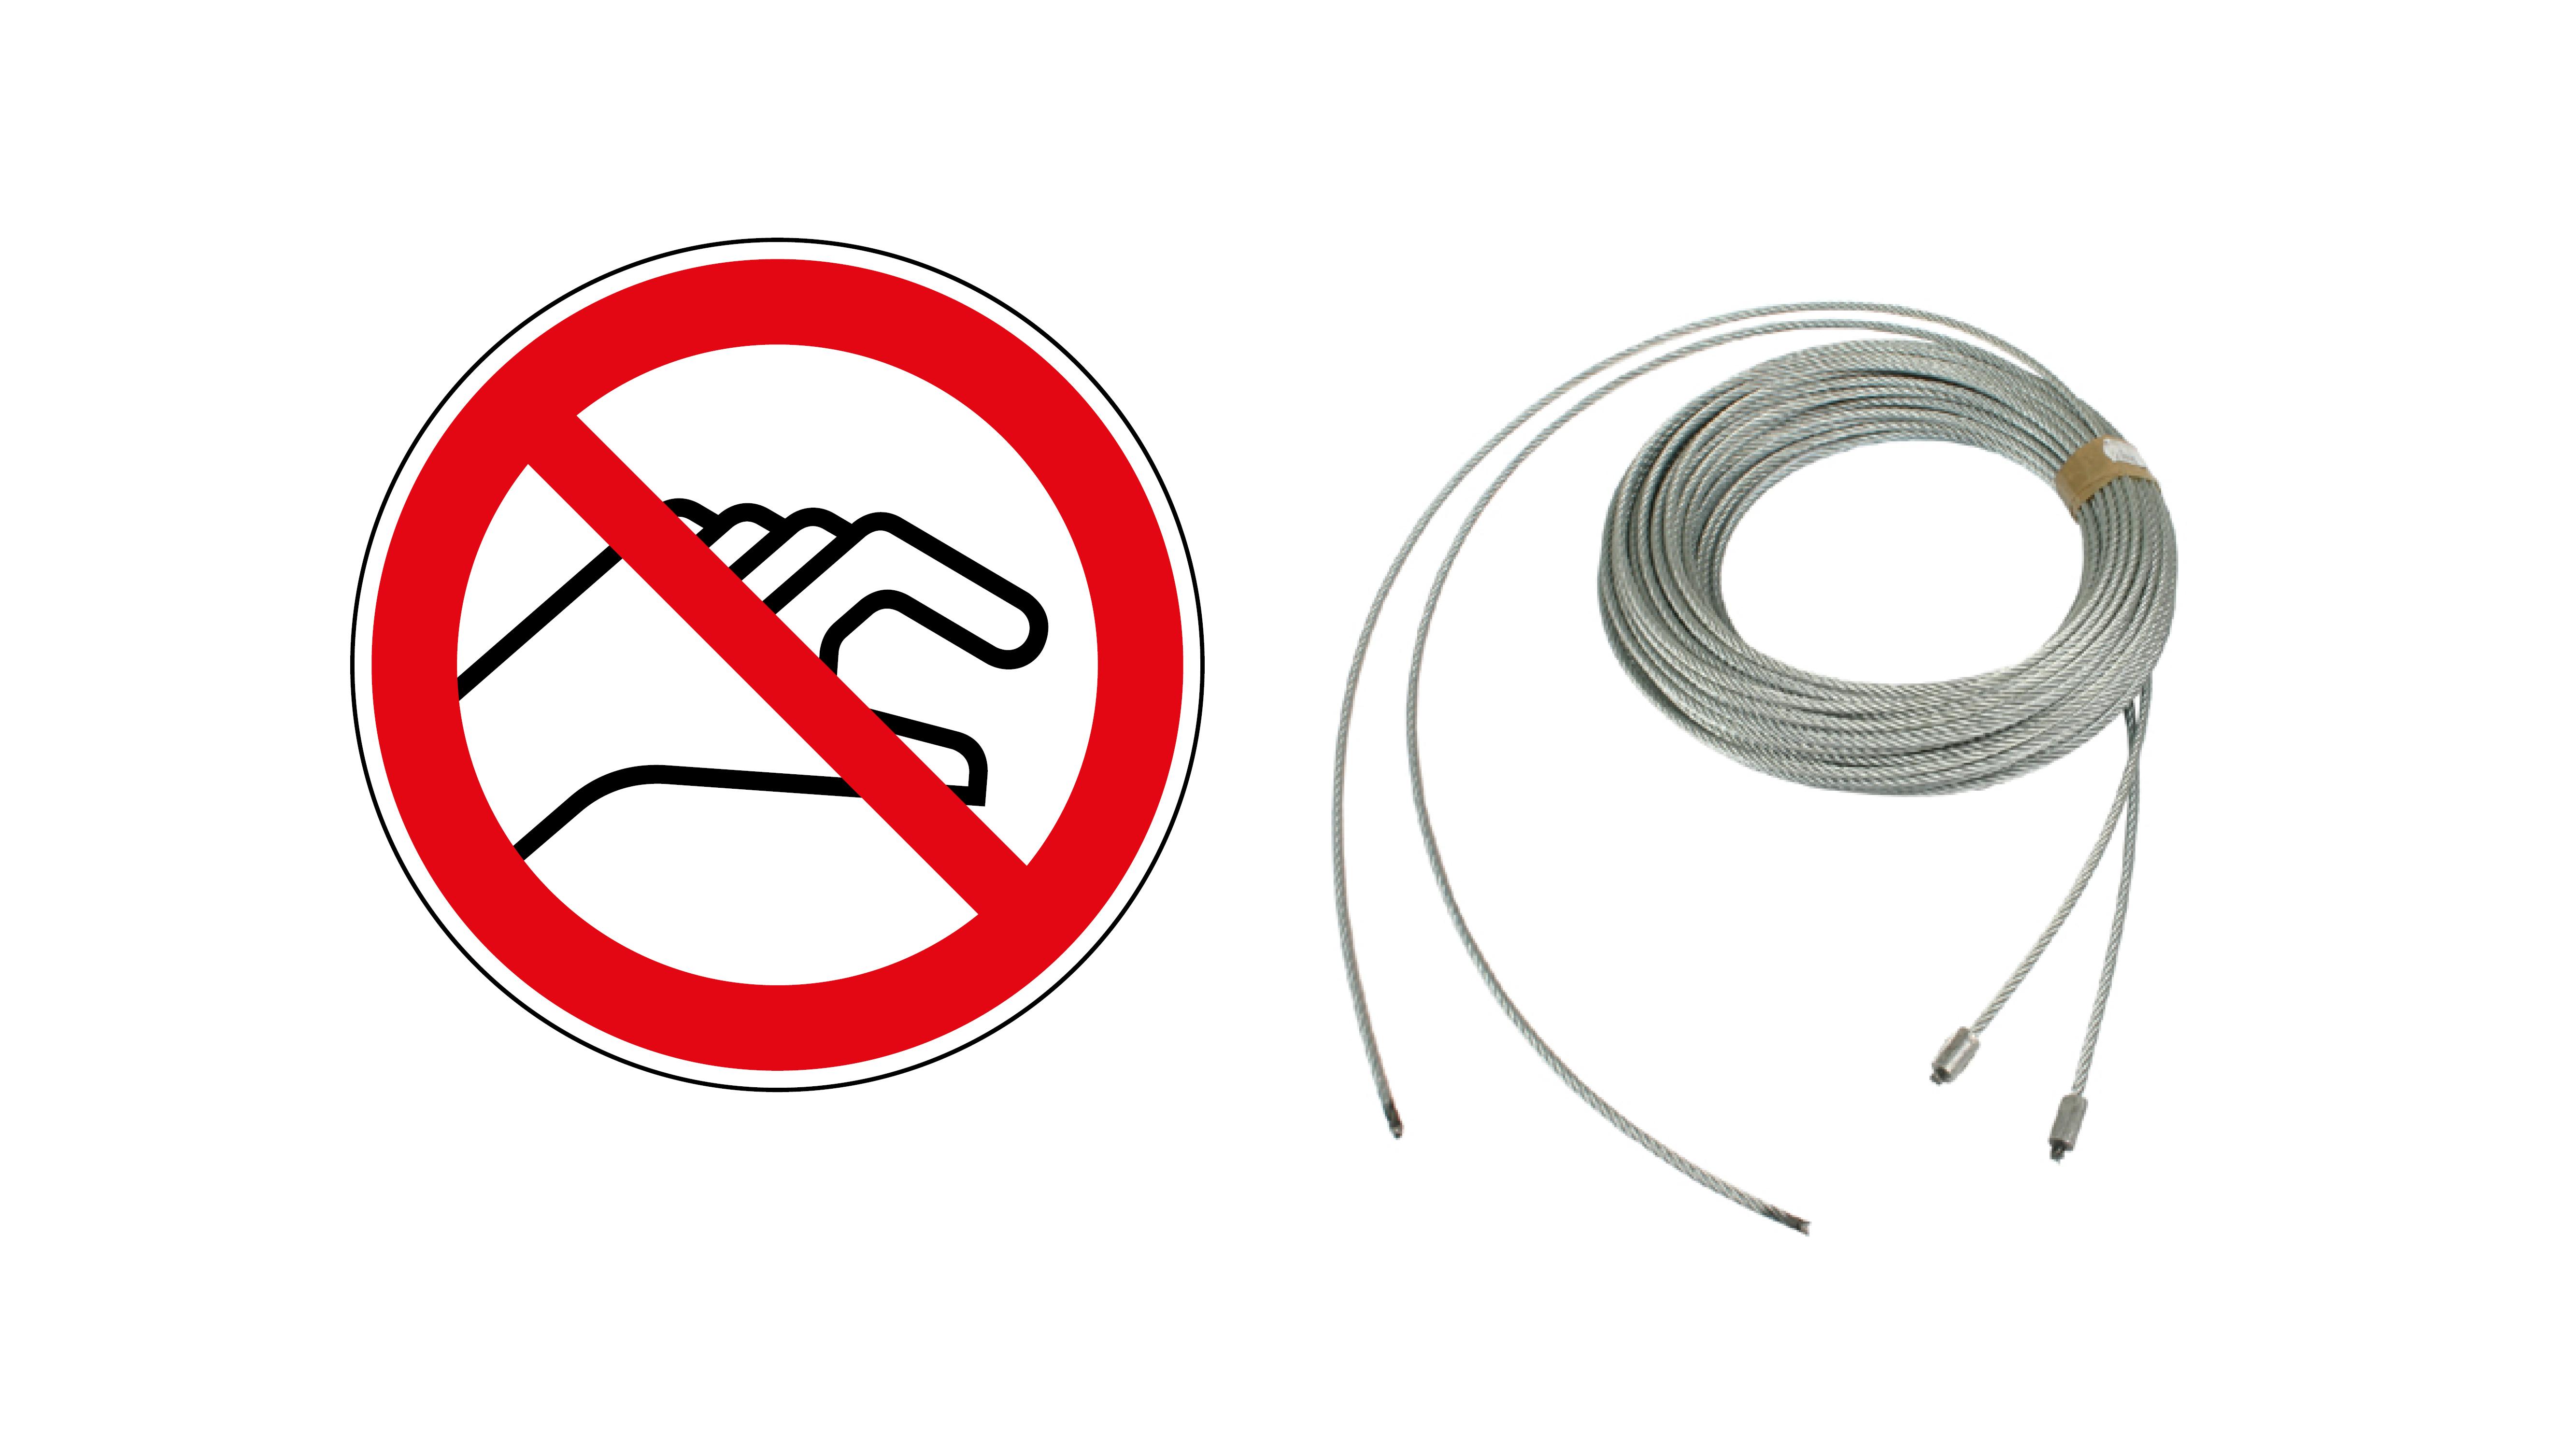 Sektionaltore » Warum außenliegende Seile zur Gefahr werden können